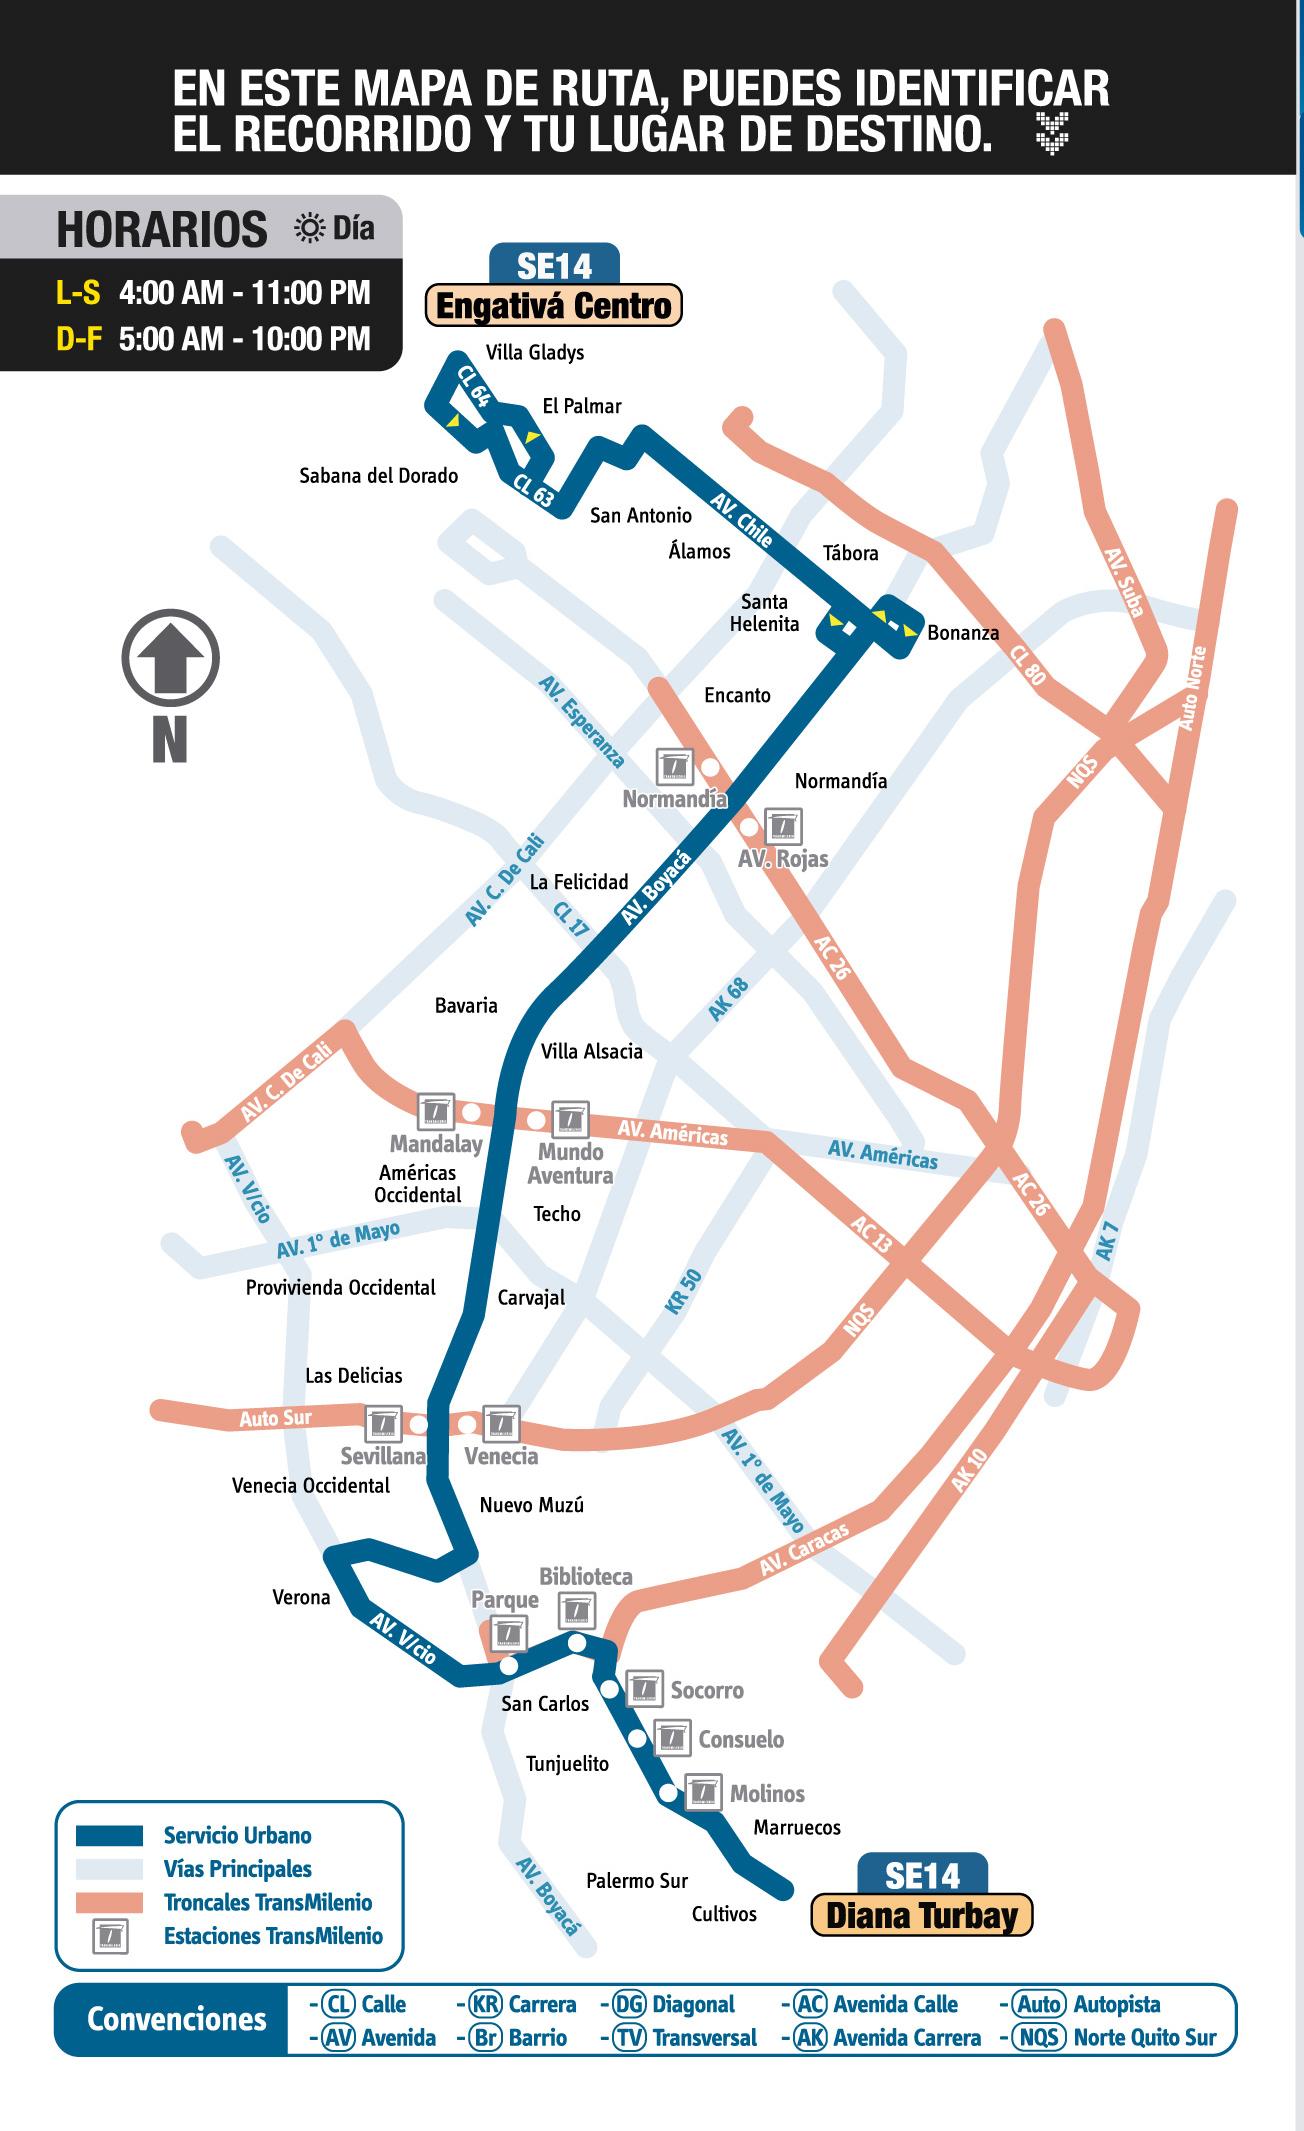 Mapa esquemático ruta urbana SE14